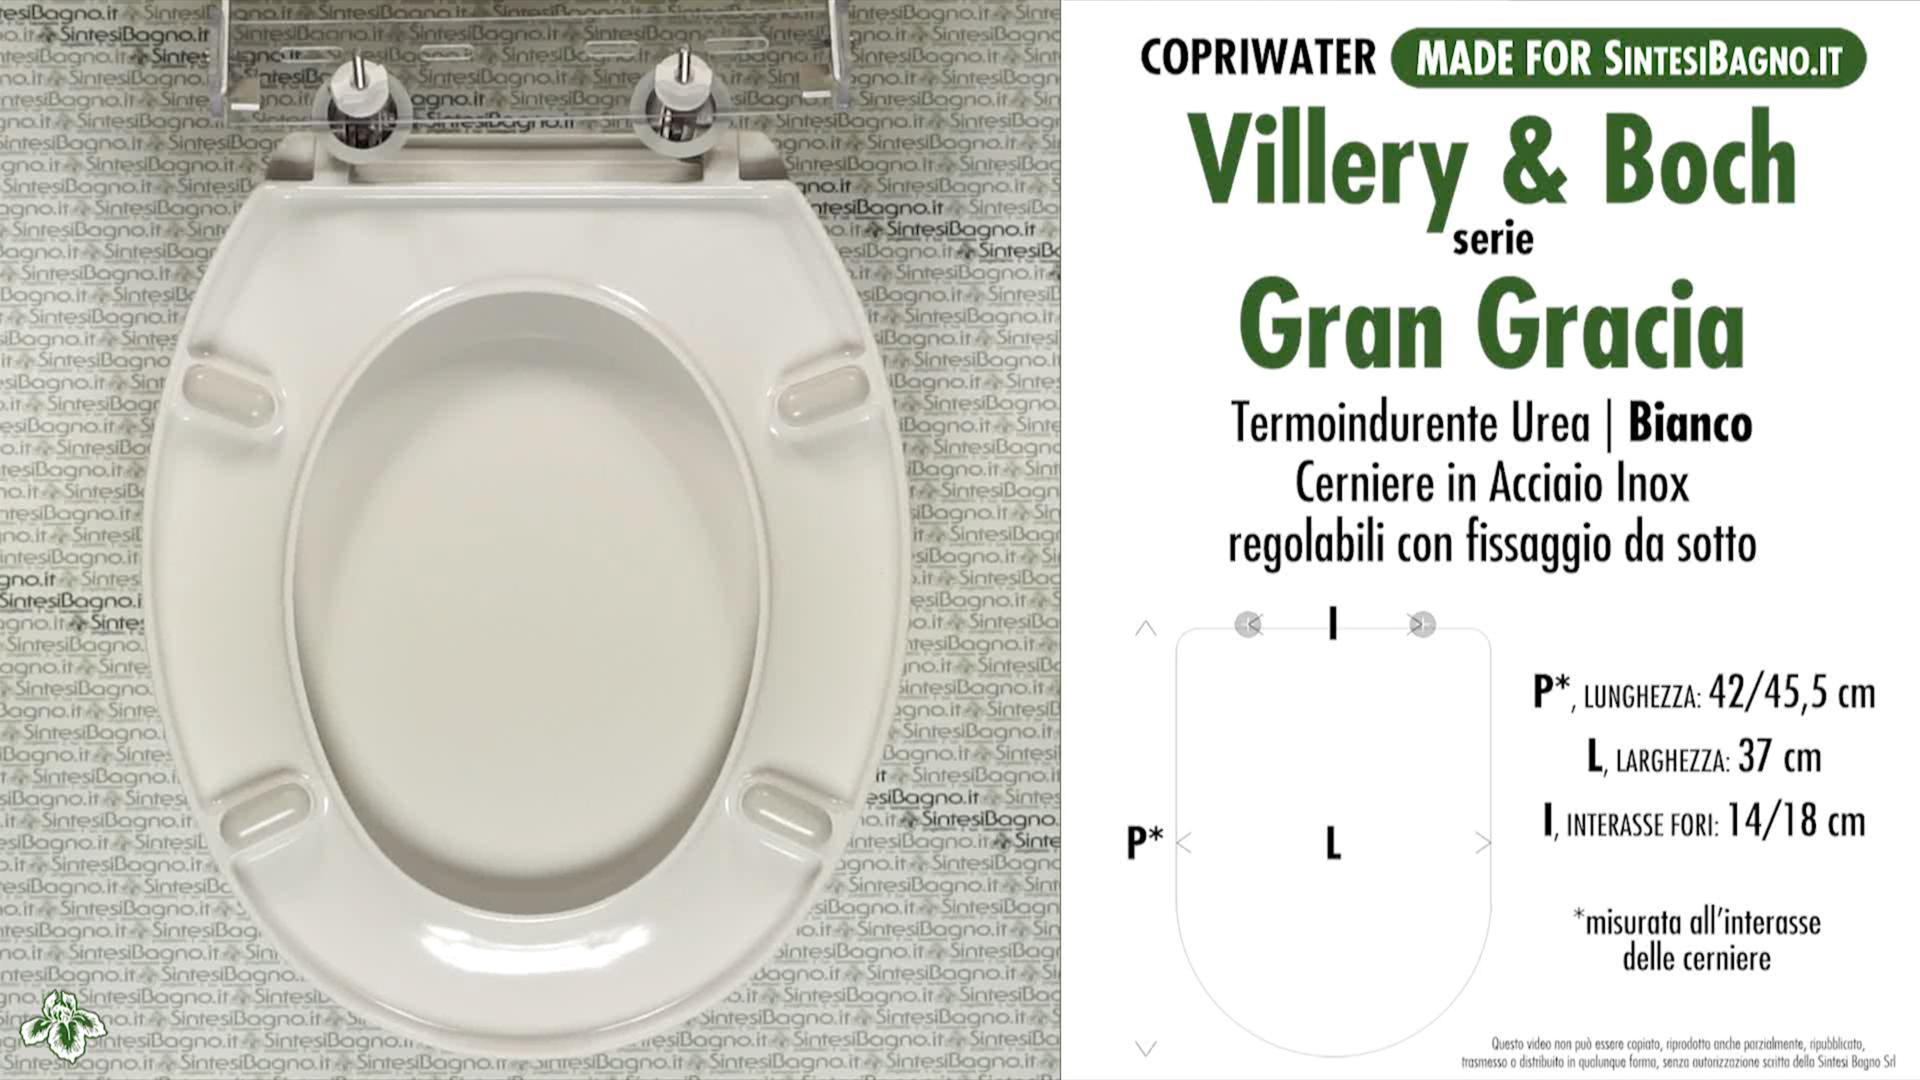 SCHEDA TECNICA MISURE copriwater VILLEROY&BOCH GRAN GRACIA